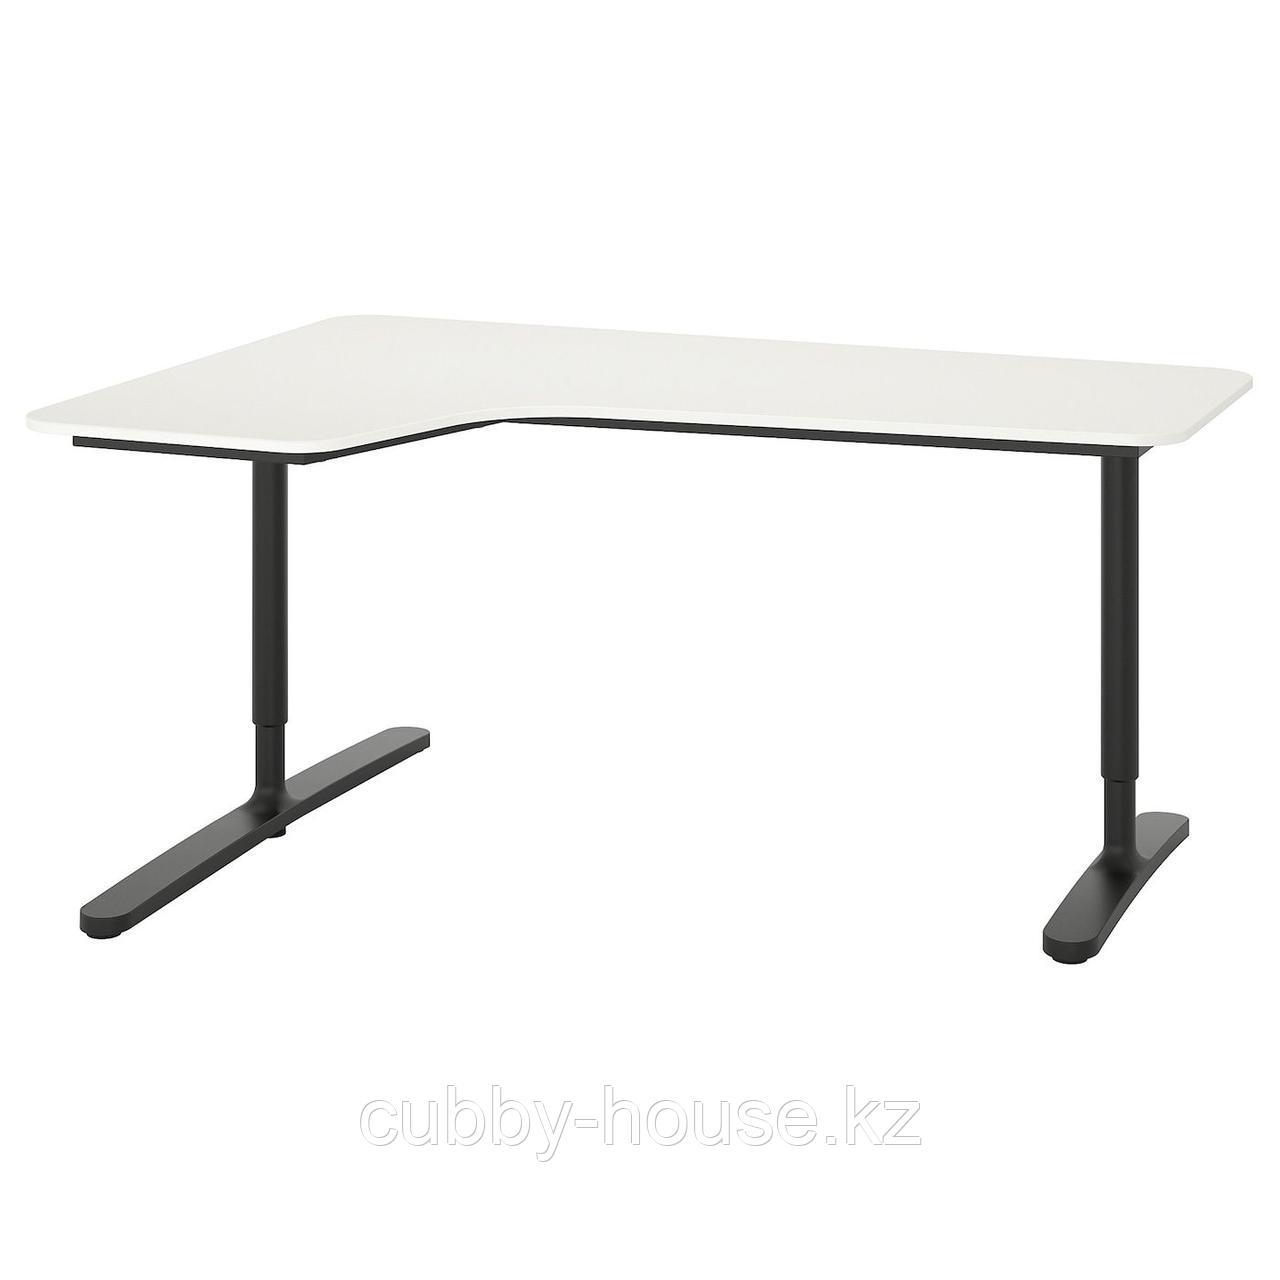 БЕКАНТ Углов письм стол левый, белый, 160x110 см